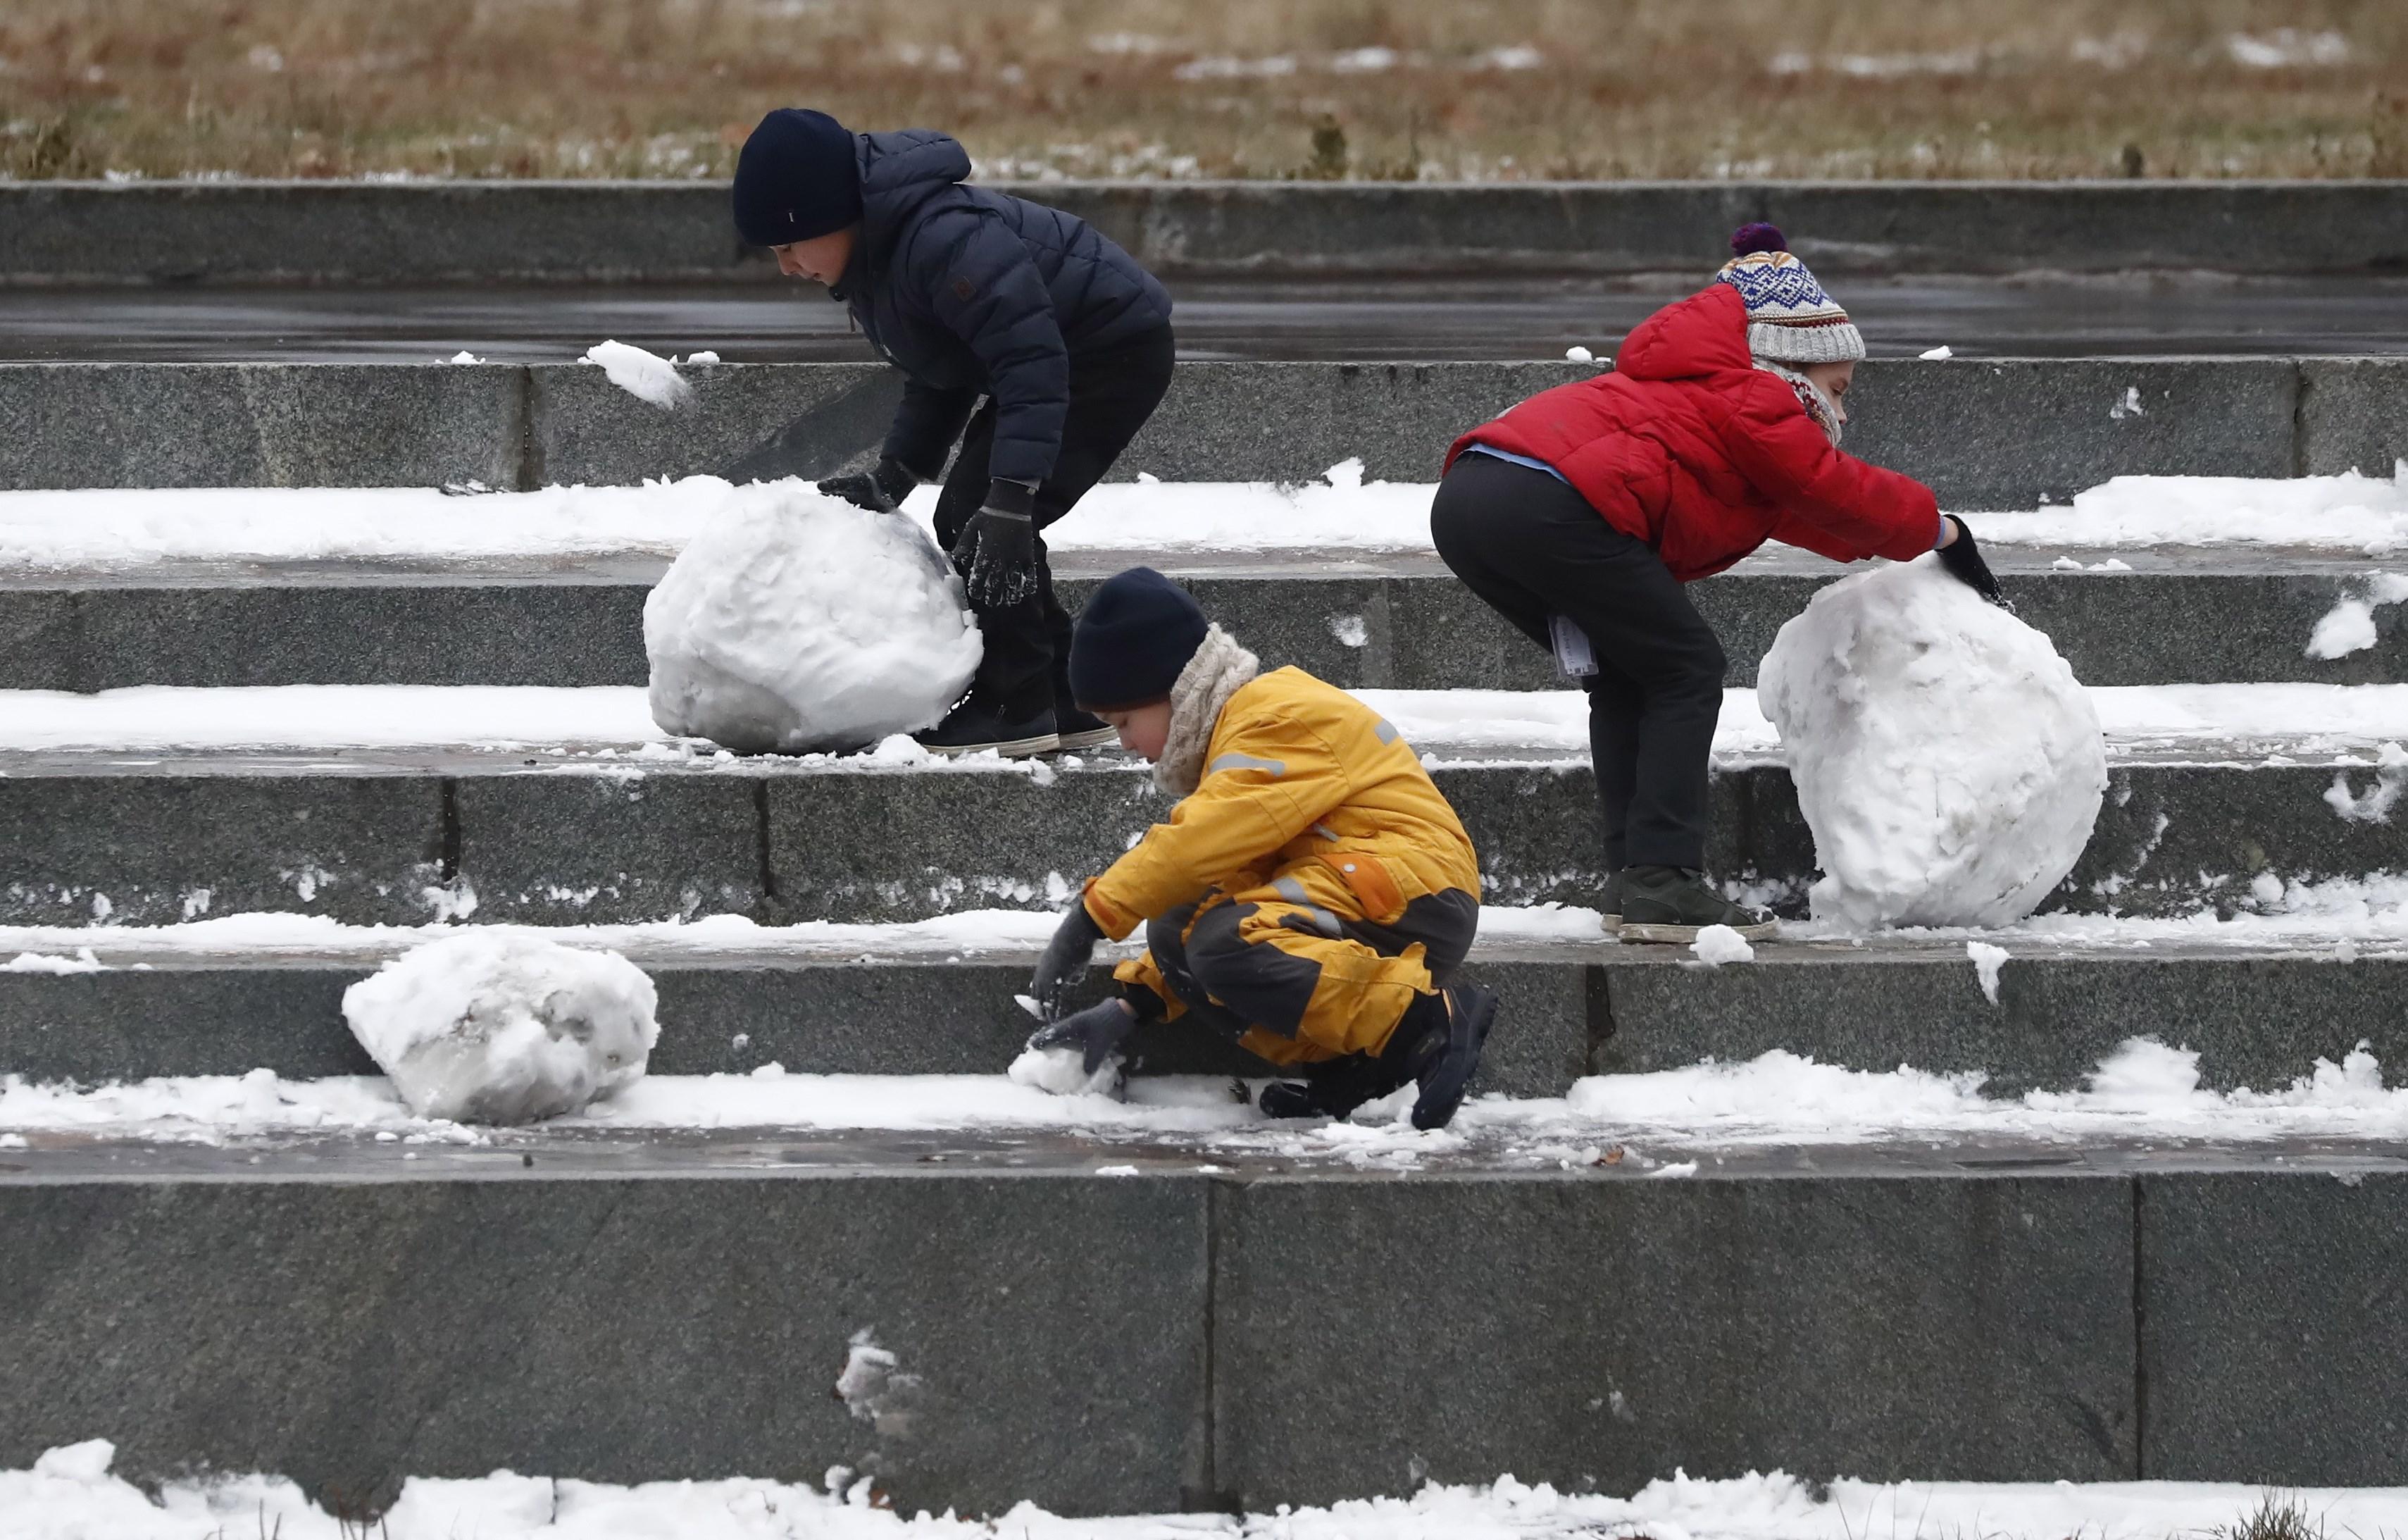 El dia a dia a Rússia: infants juguen amb la neu a un parc a Moscou. / MAXIM SHIPENKOV